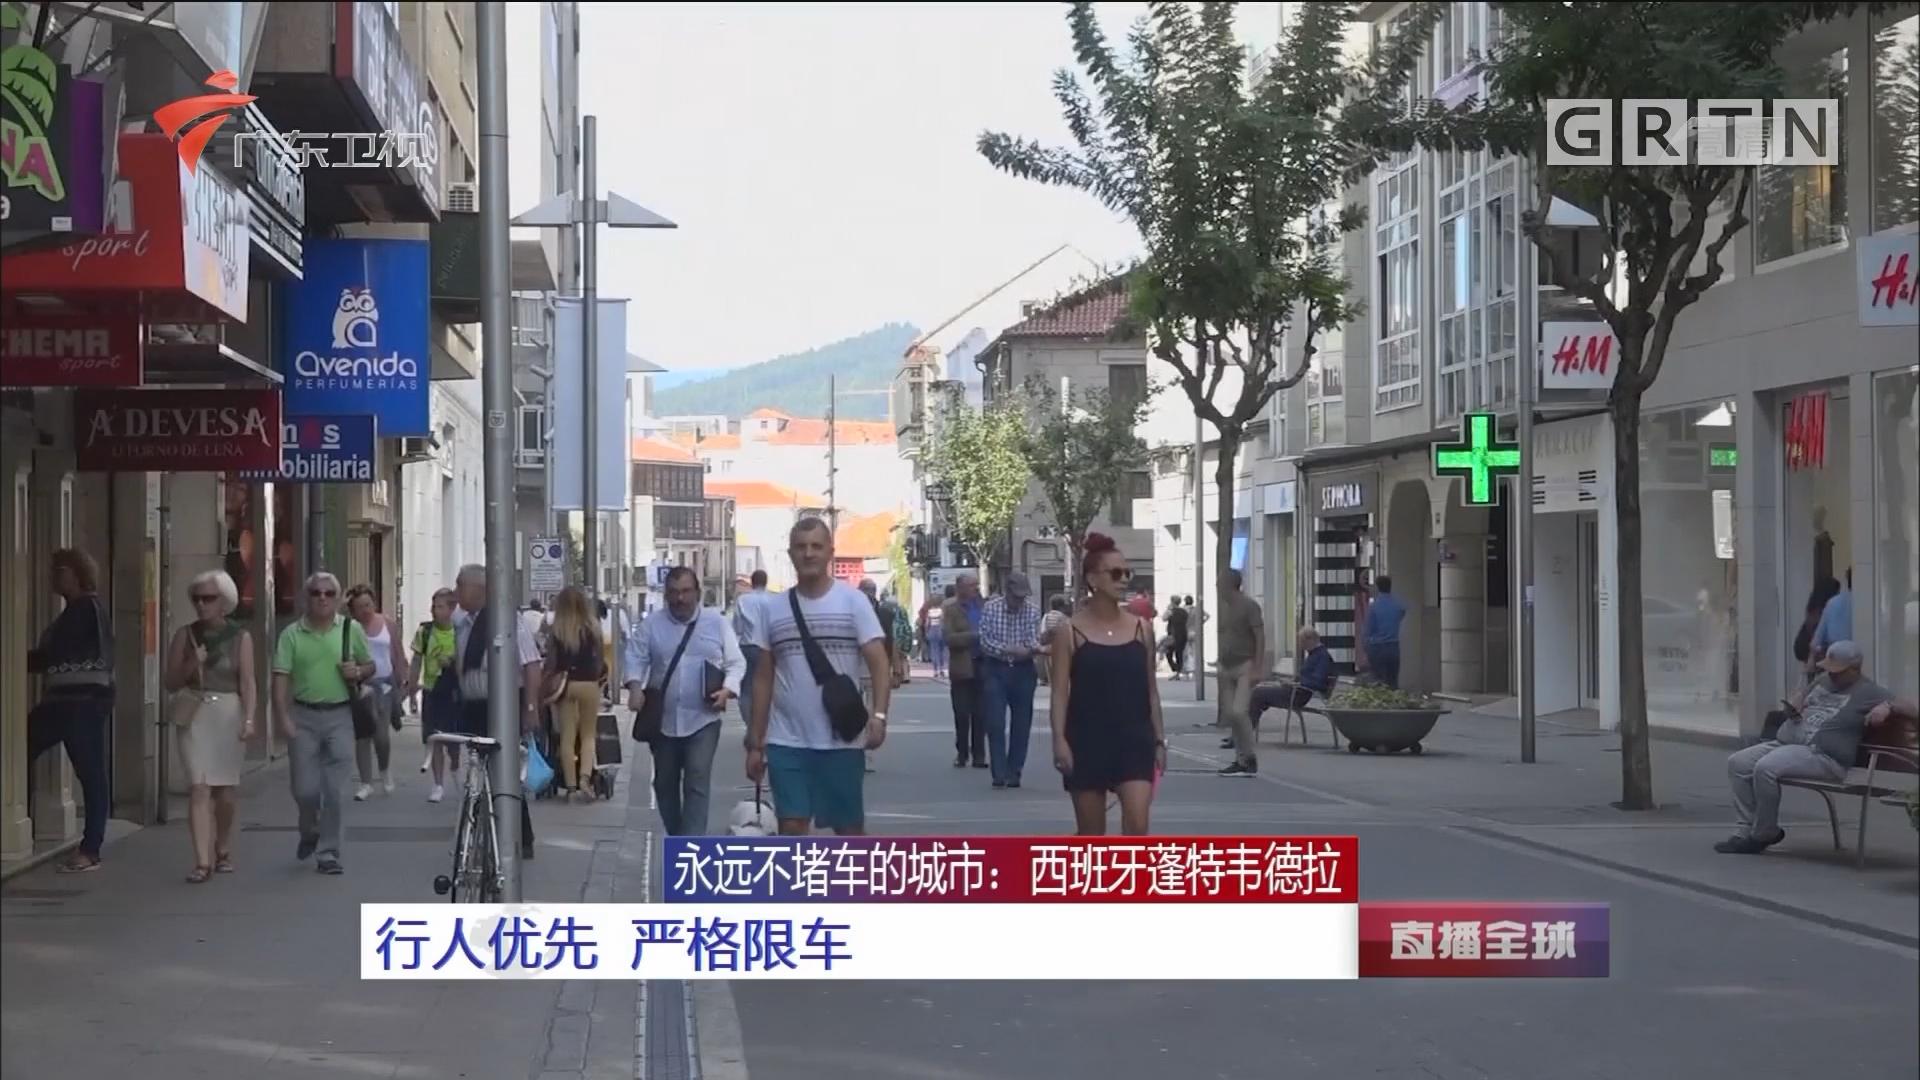 永远不堵车的城市:西班牙蓬特韦德拉 行人优先 严格限车